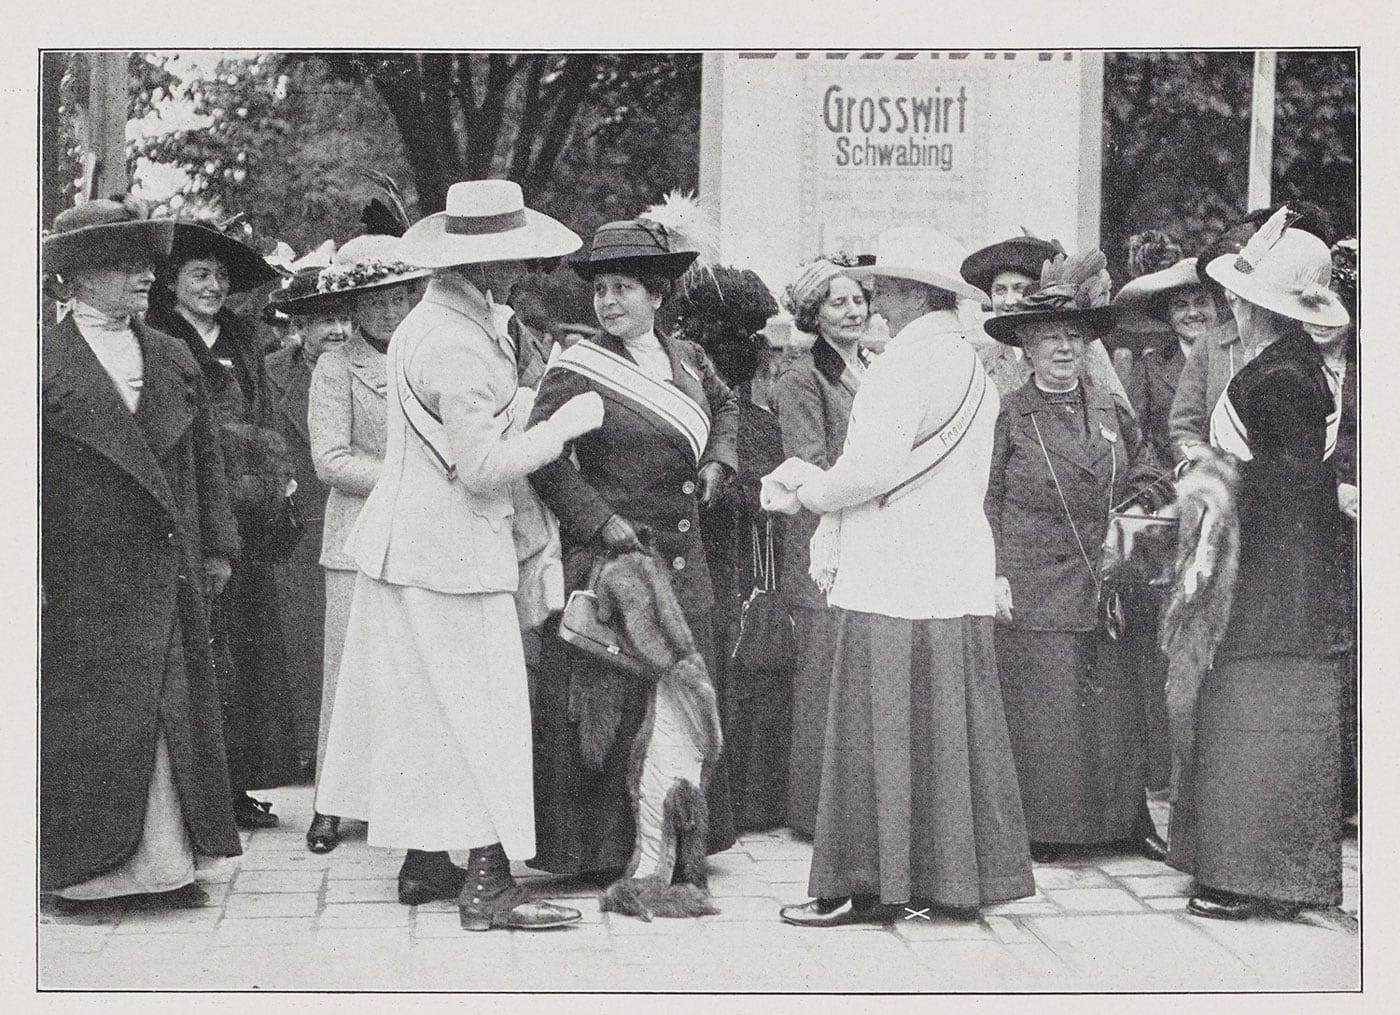 Frauentag im DHM Berlin: Teilnehmerinnen des Frauenstimmrechtskongresses am 03.10.1912 // HIMBEER